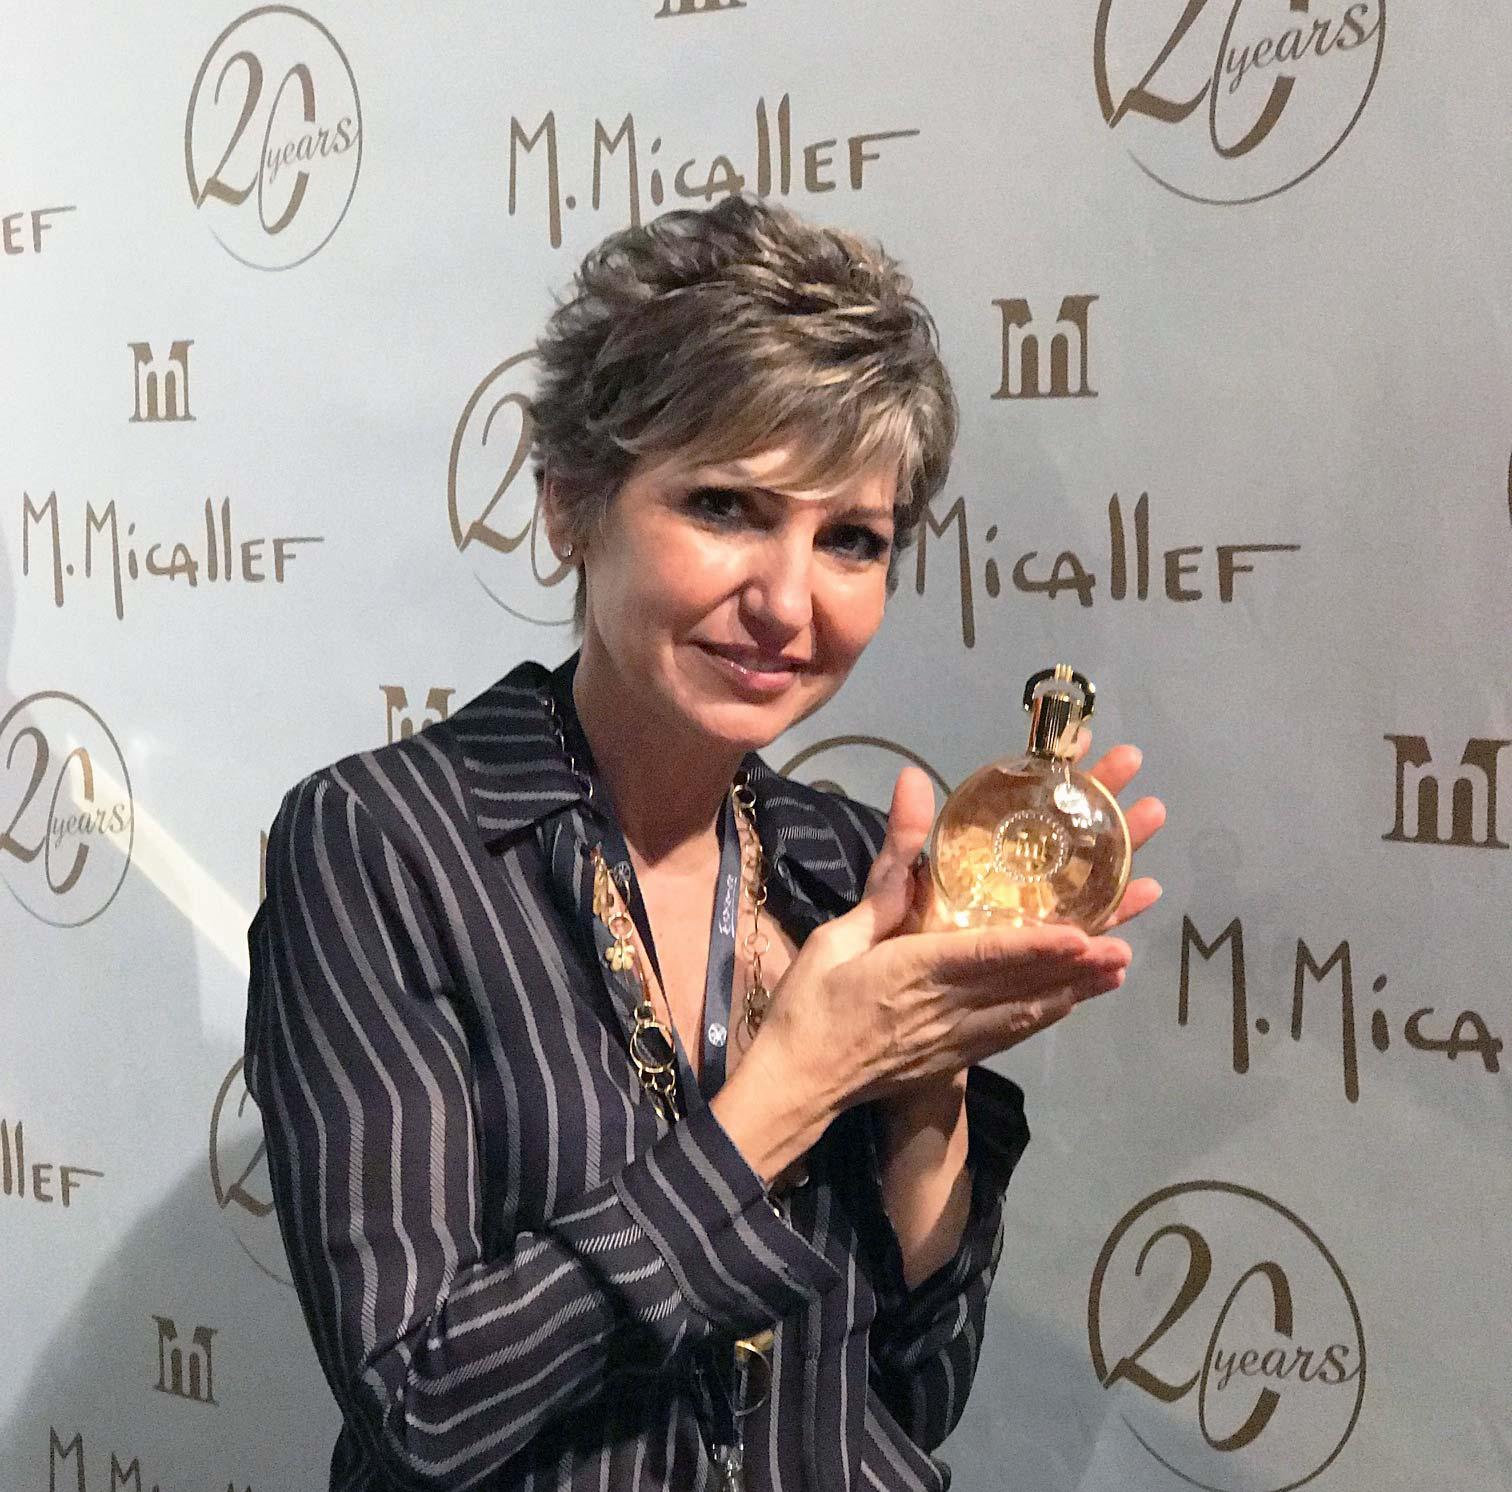 Martine Micallef